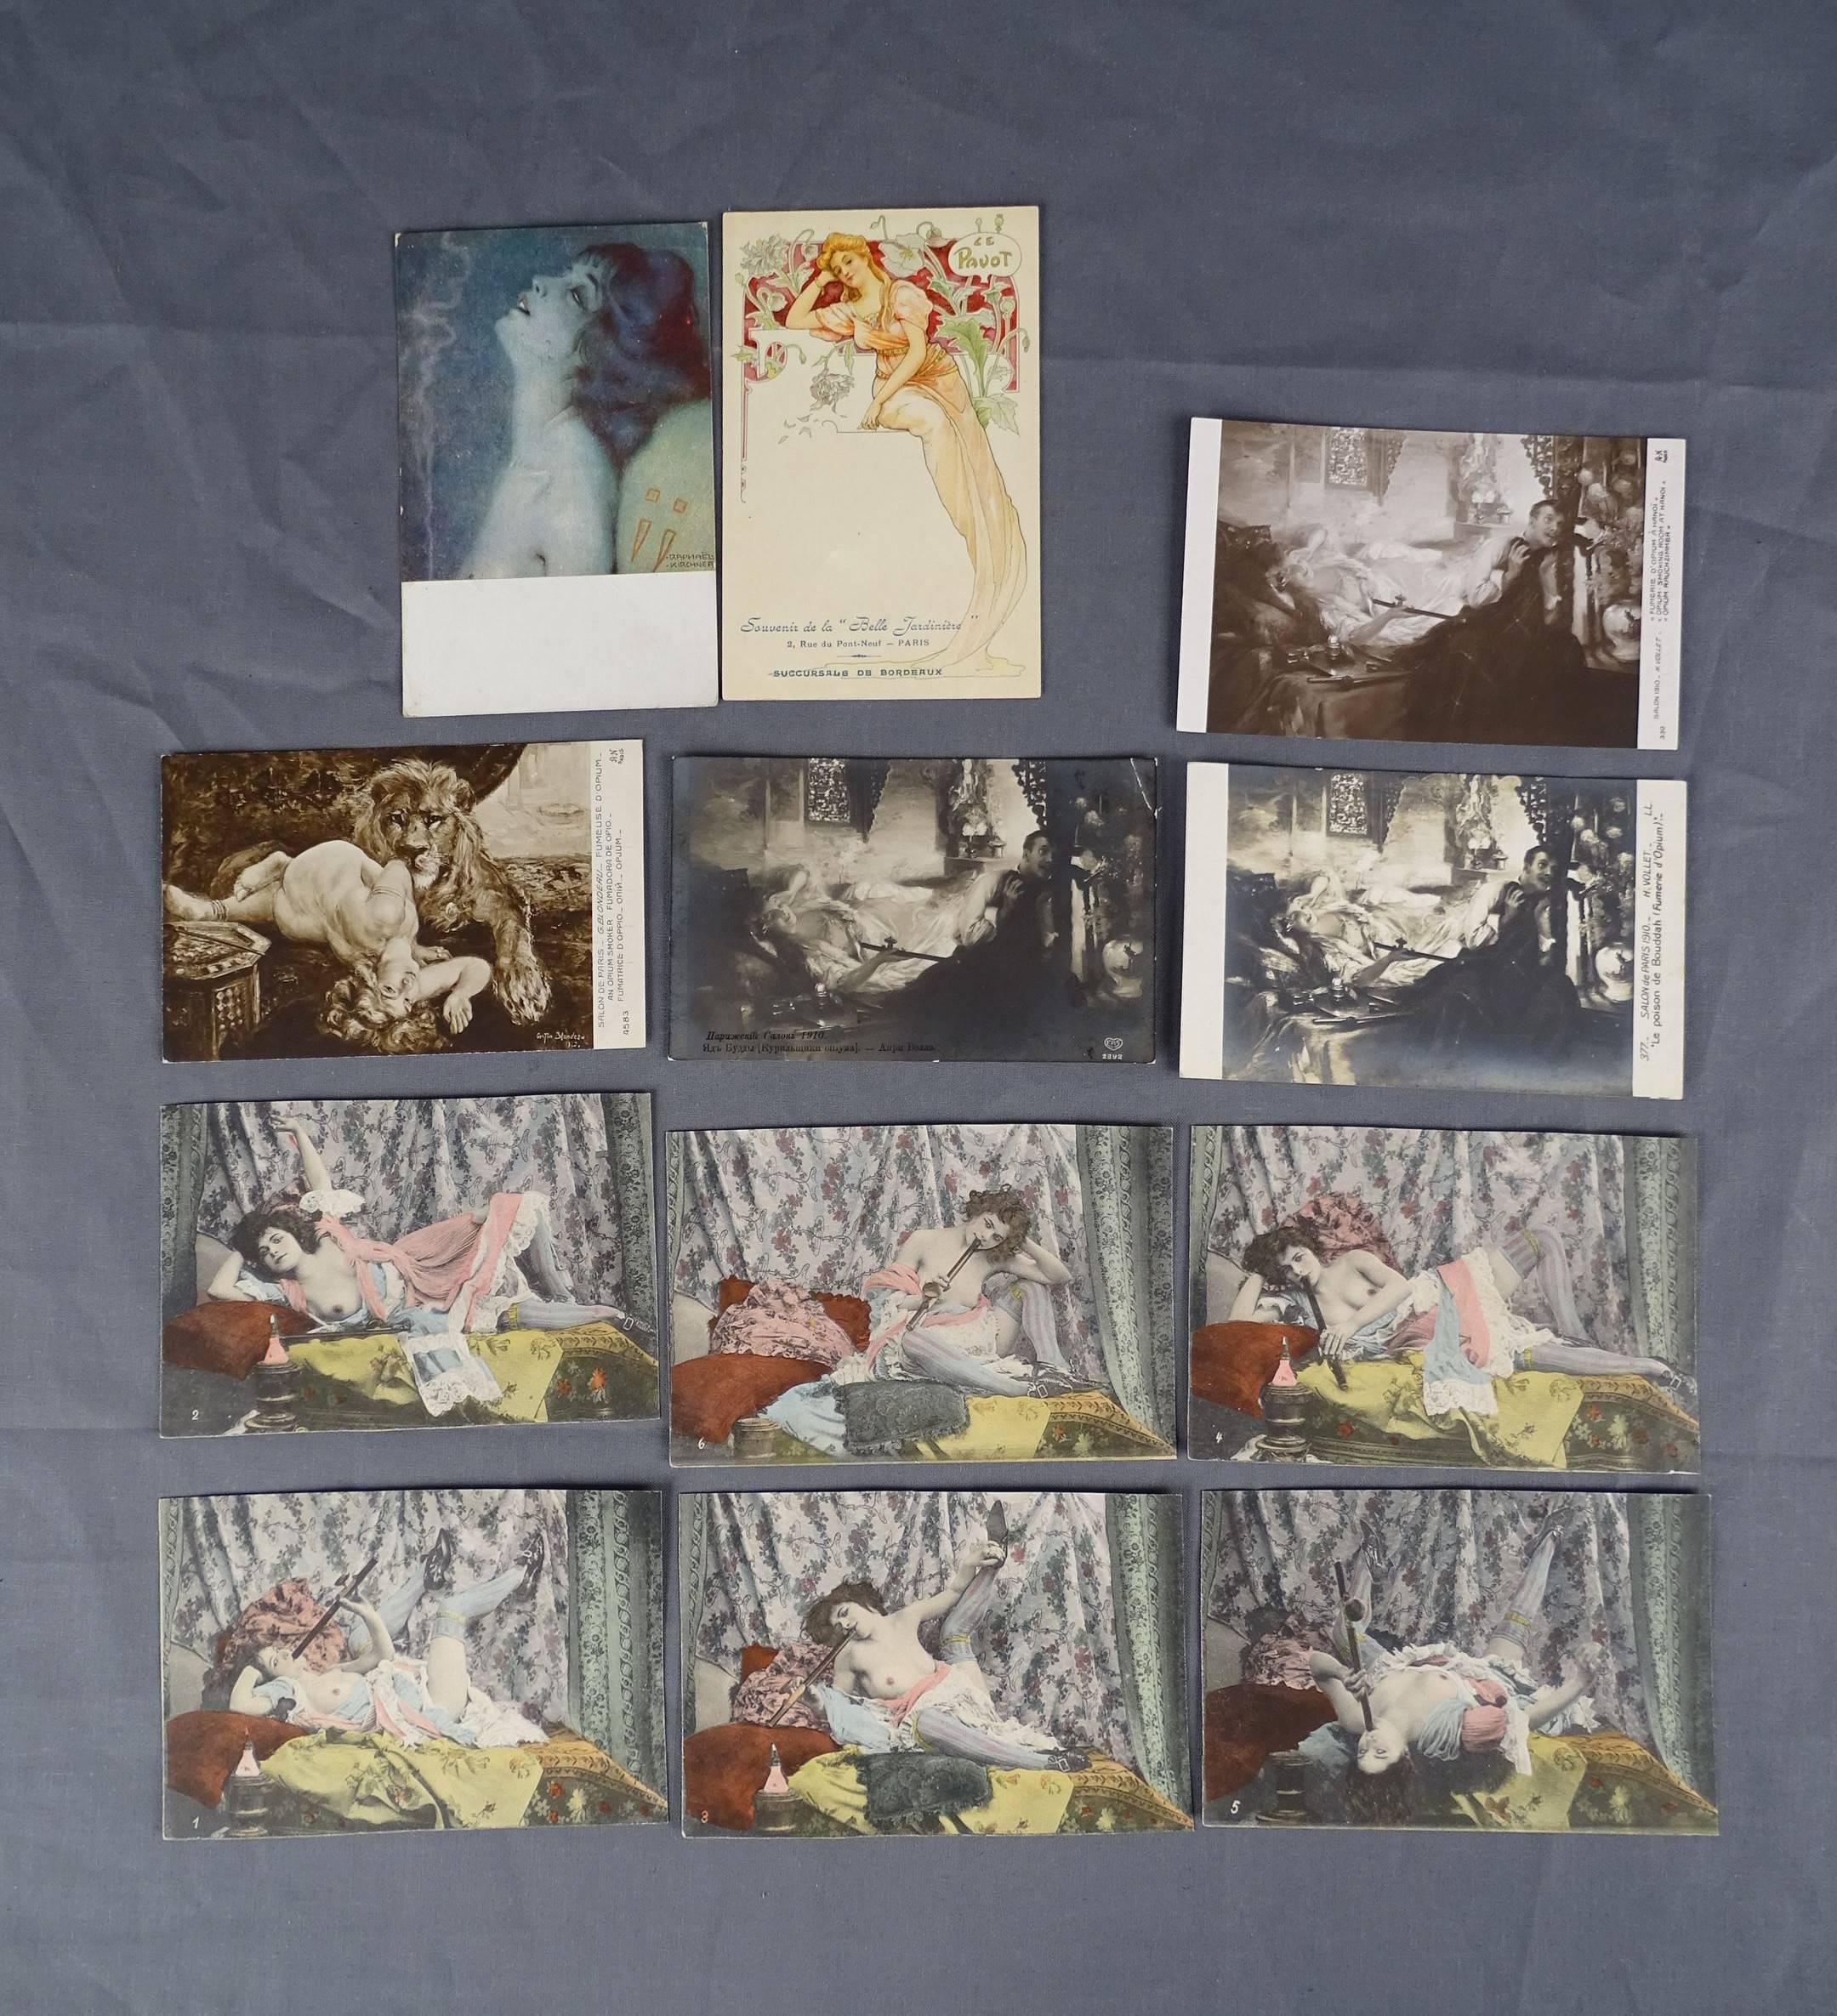 Douze cartes postales de scènes de fumeries d'opium représentant des femmes...